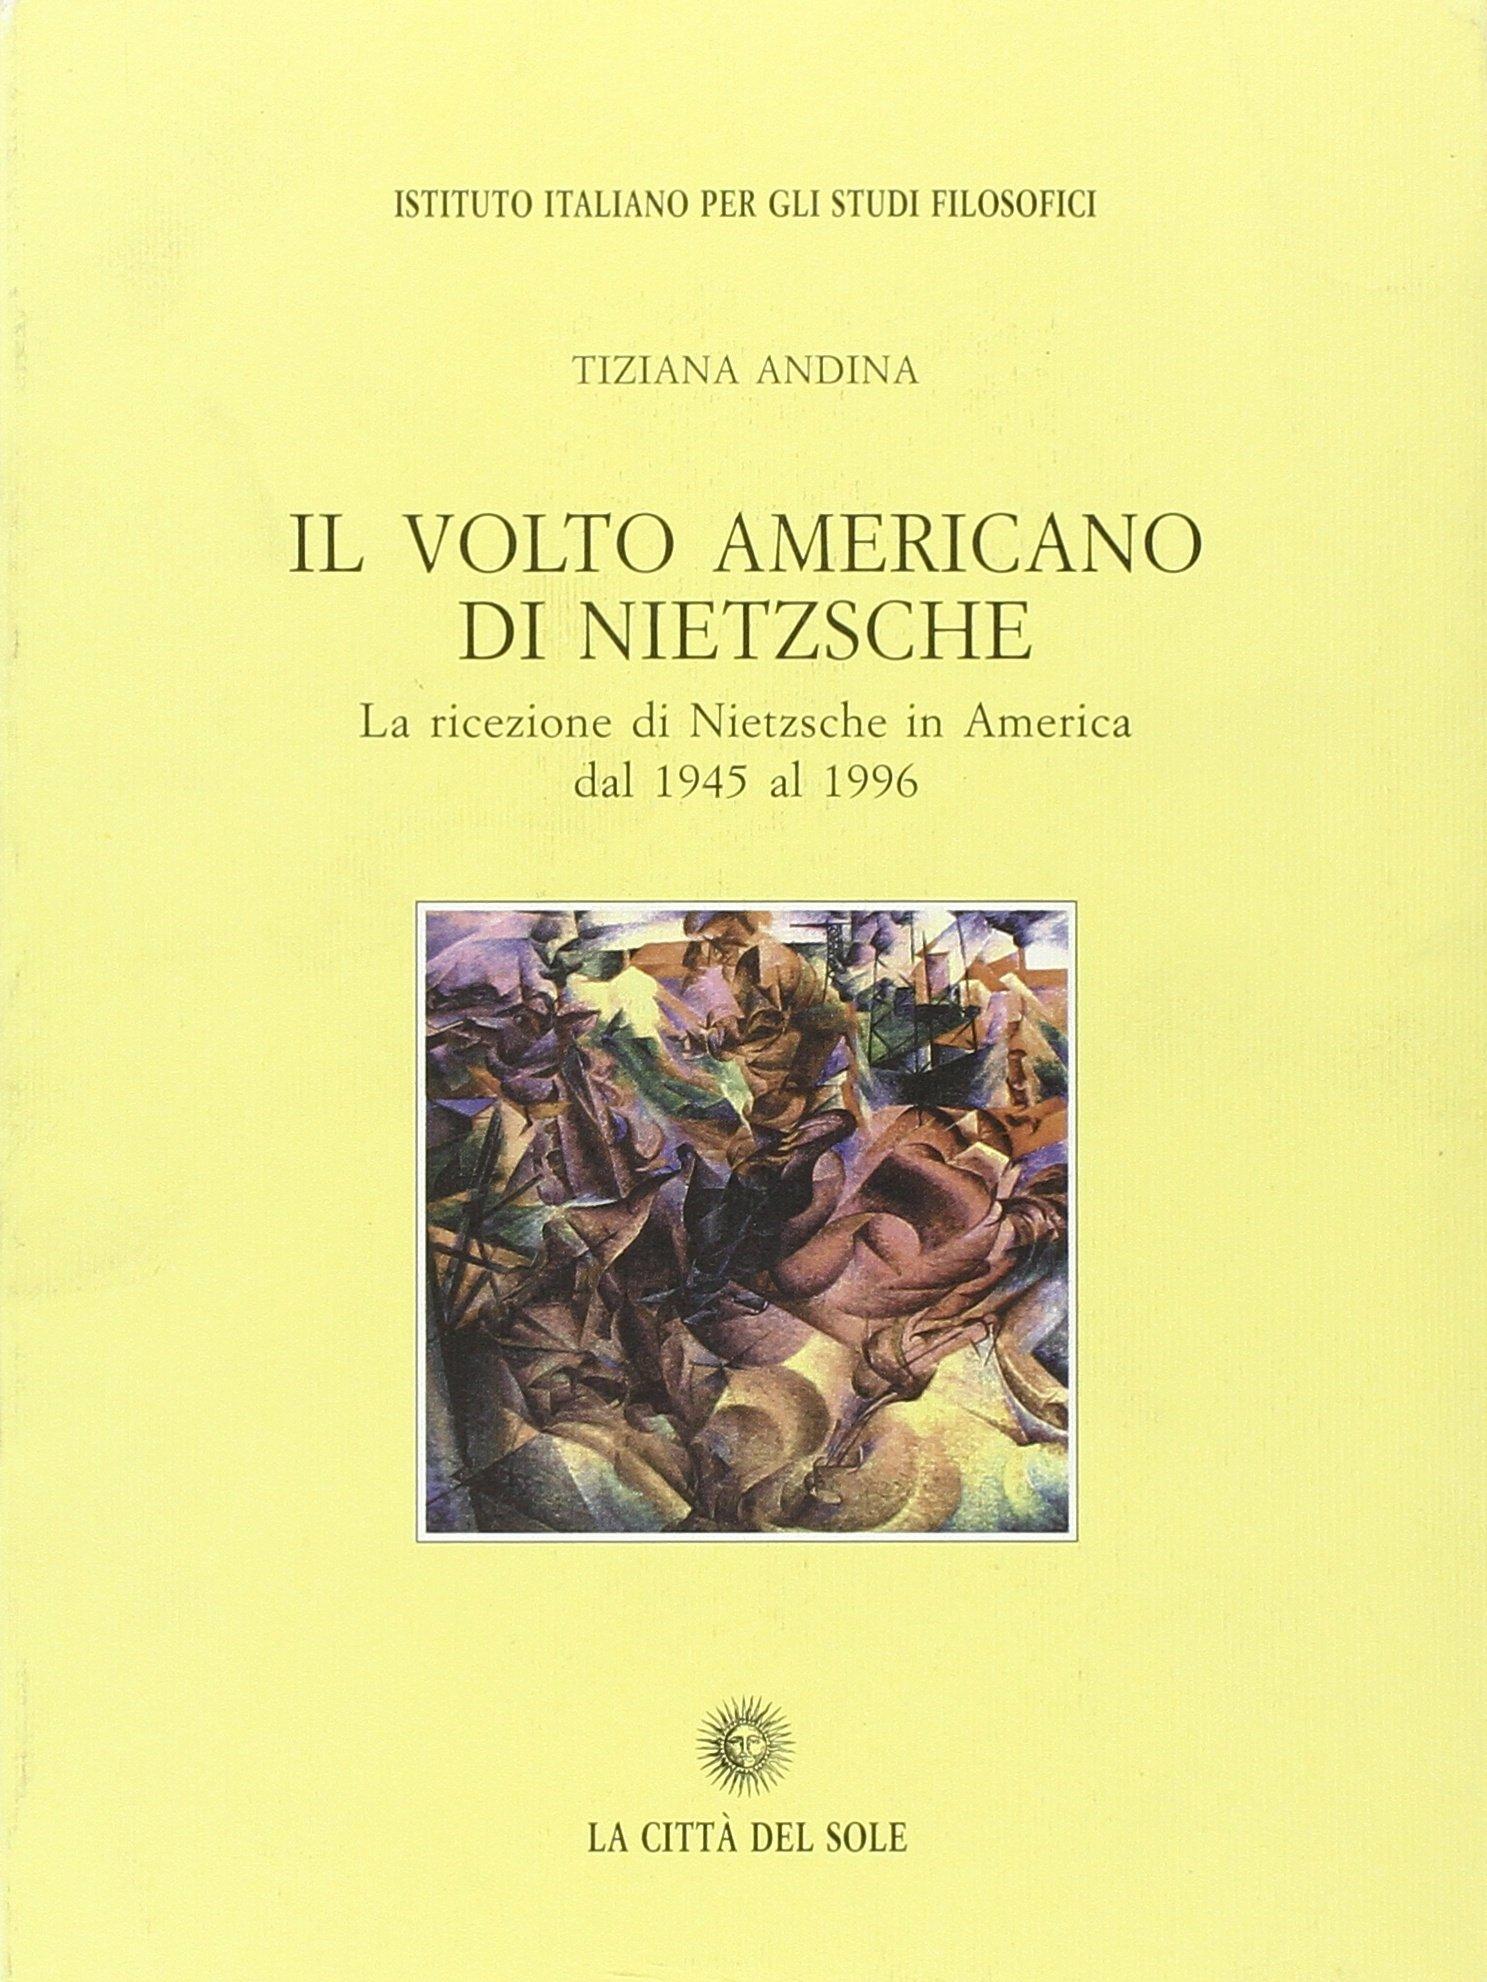 Il volto americano di Nietzsche